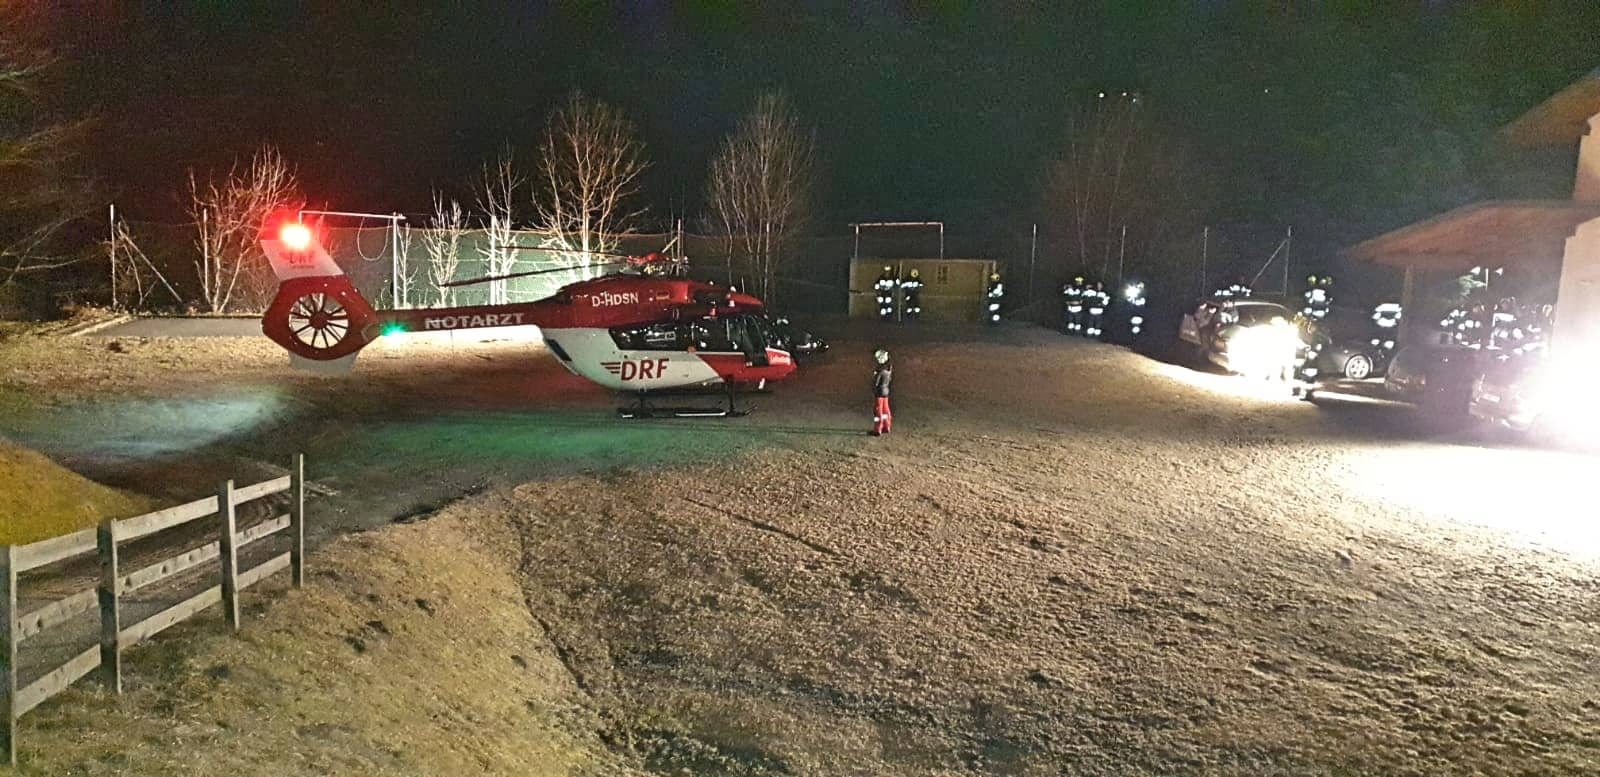 Hubschrauberlandeplatz ausleuchten - Kaning